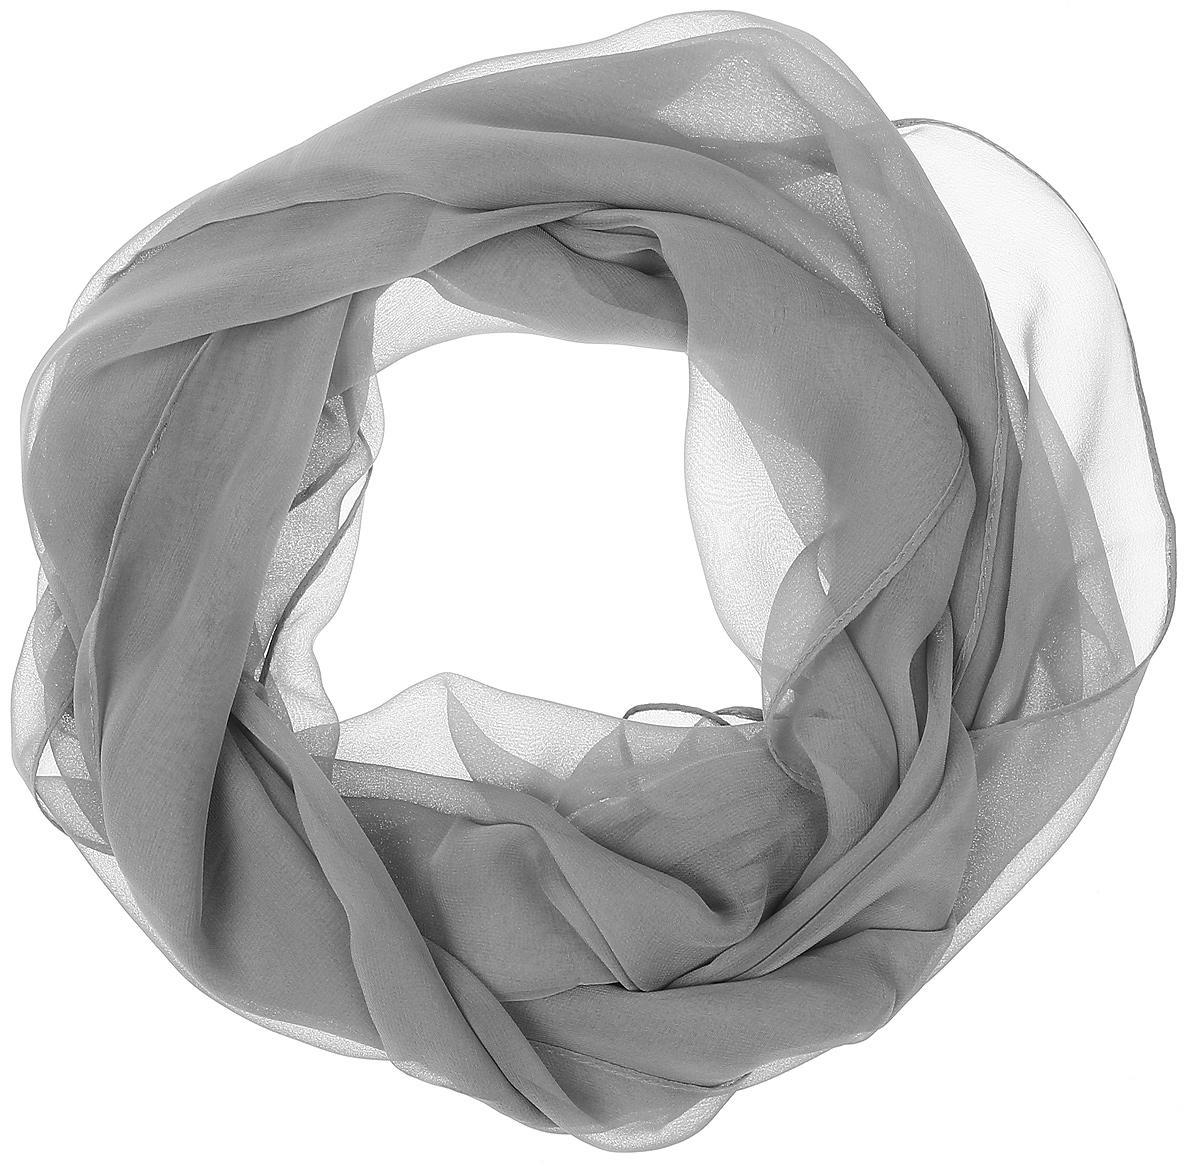 ШарфRo01C1005-3Однотонный шарф от Vittorio Richi изготовлен из шелка и полиэстера. Кромка модели обработана тонкой подгибкой.